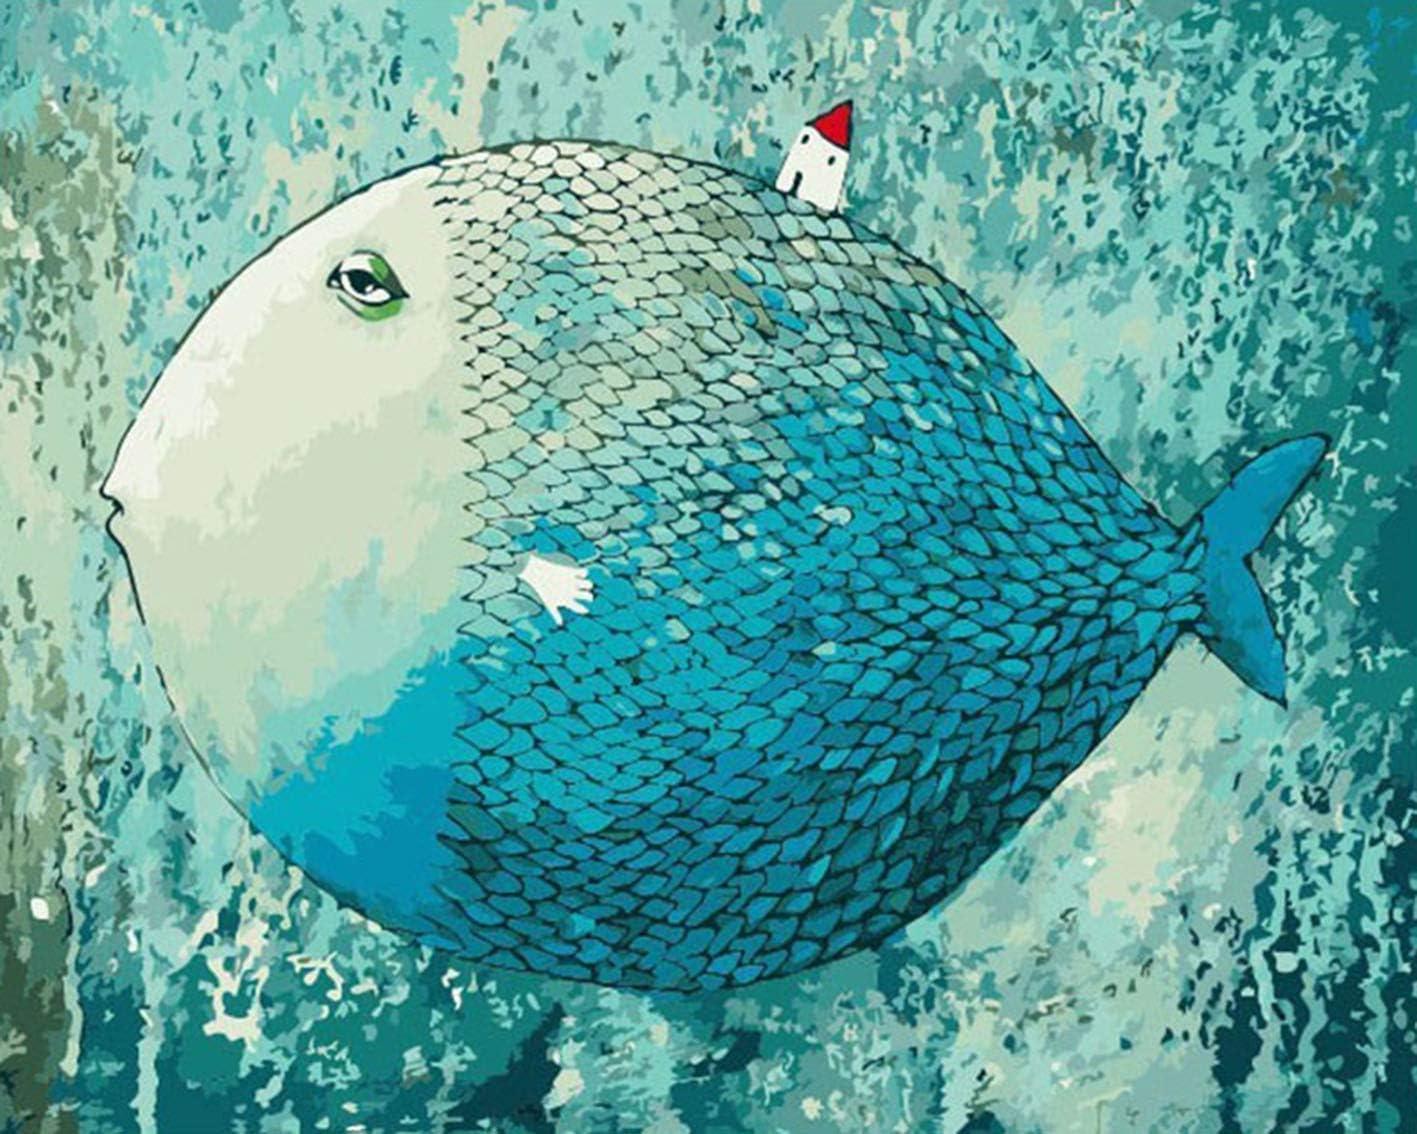 mileelife Dipingere con i Numeri per Bambini Adulti Kit Pittura a Olio Fai da Te Principiante Dormire Il Pesce 40cm/×50 cm